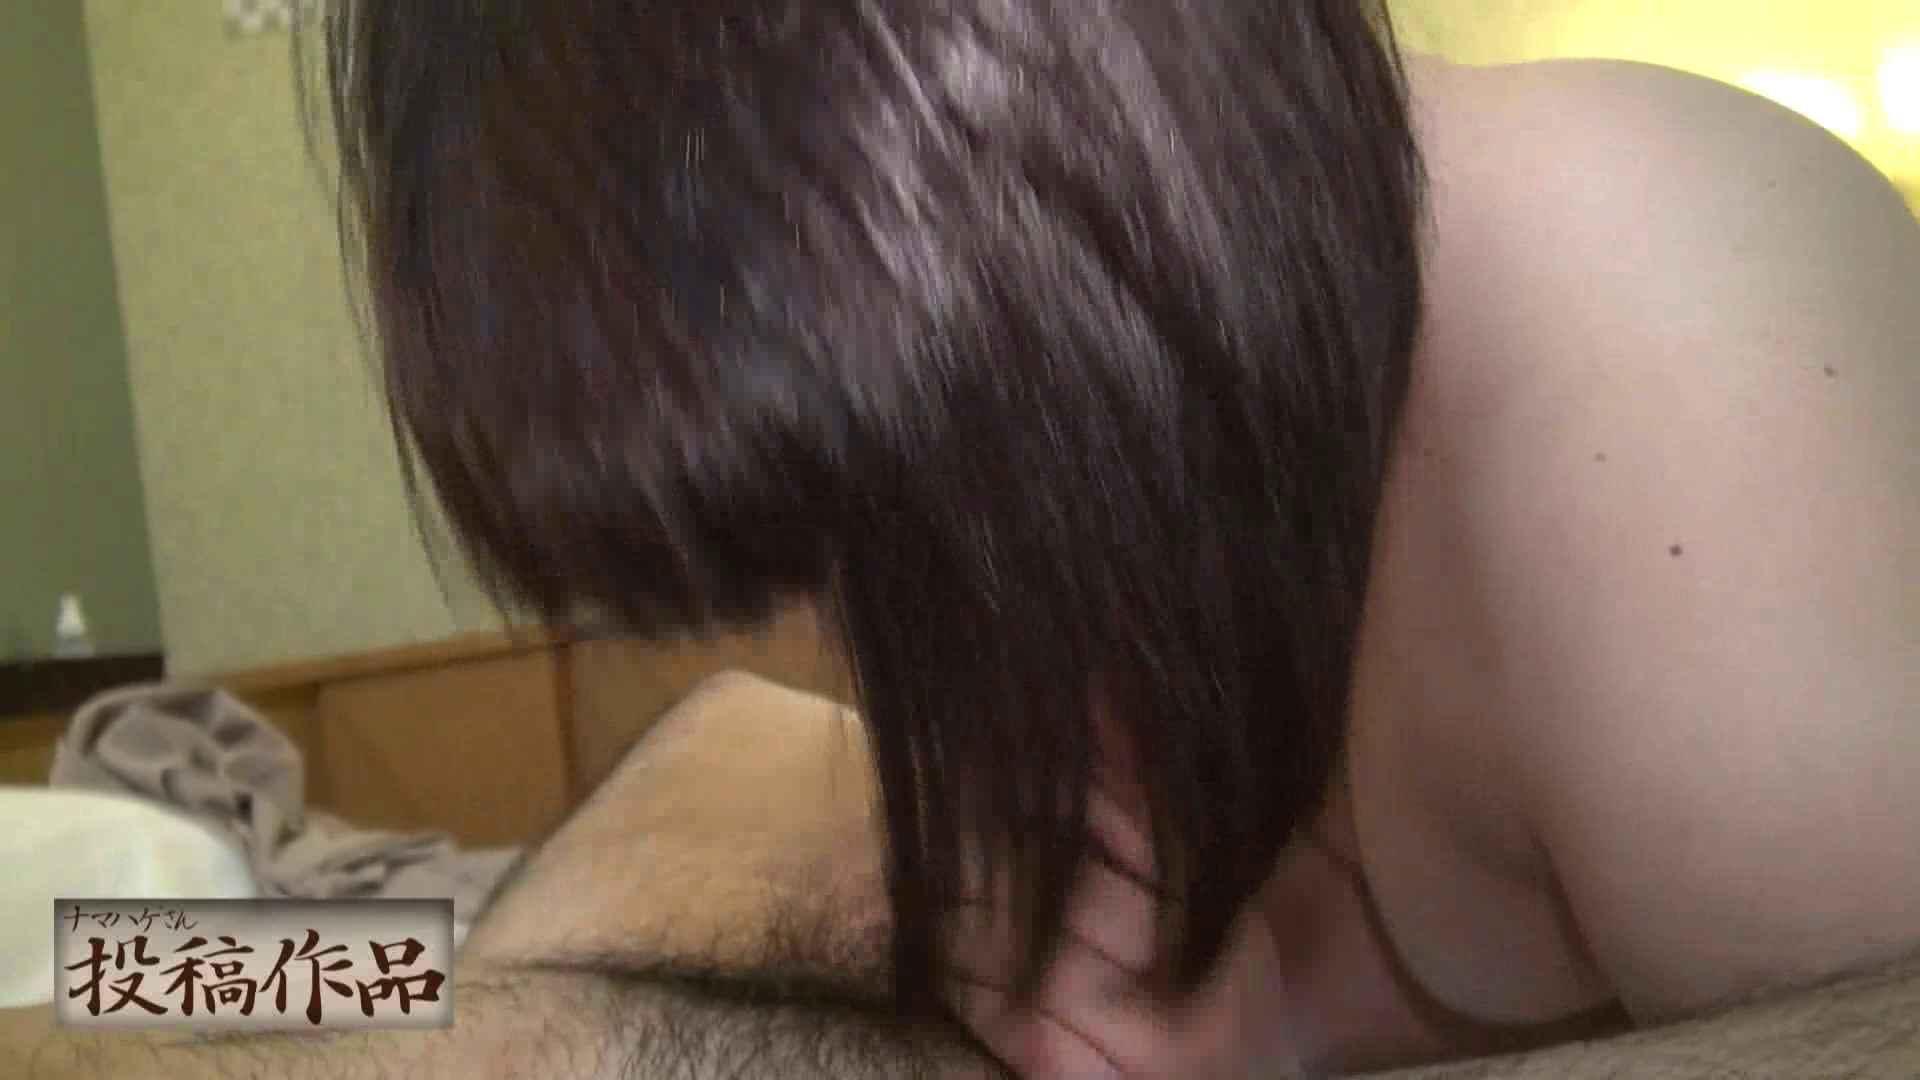 ナマハゲさんのまんこコレクション第二章 ナマハゲ naomi02 投稿 | 0  95連発 39